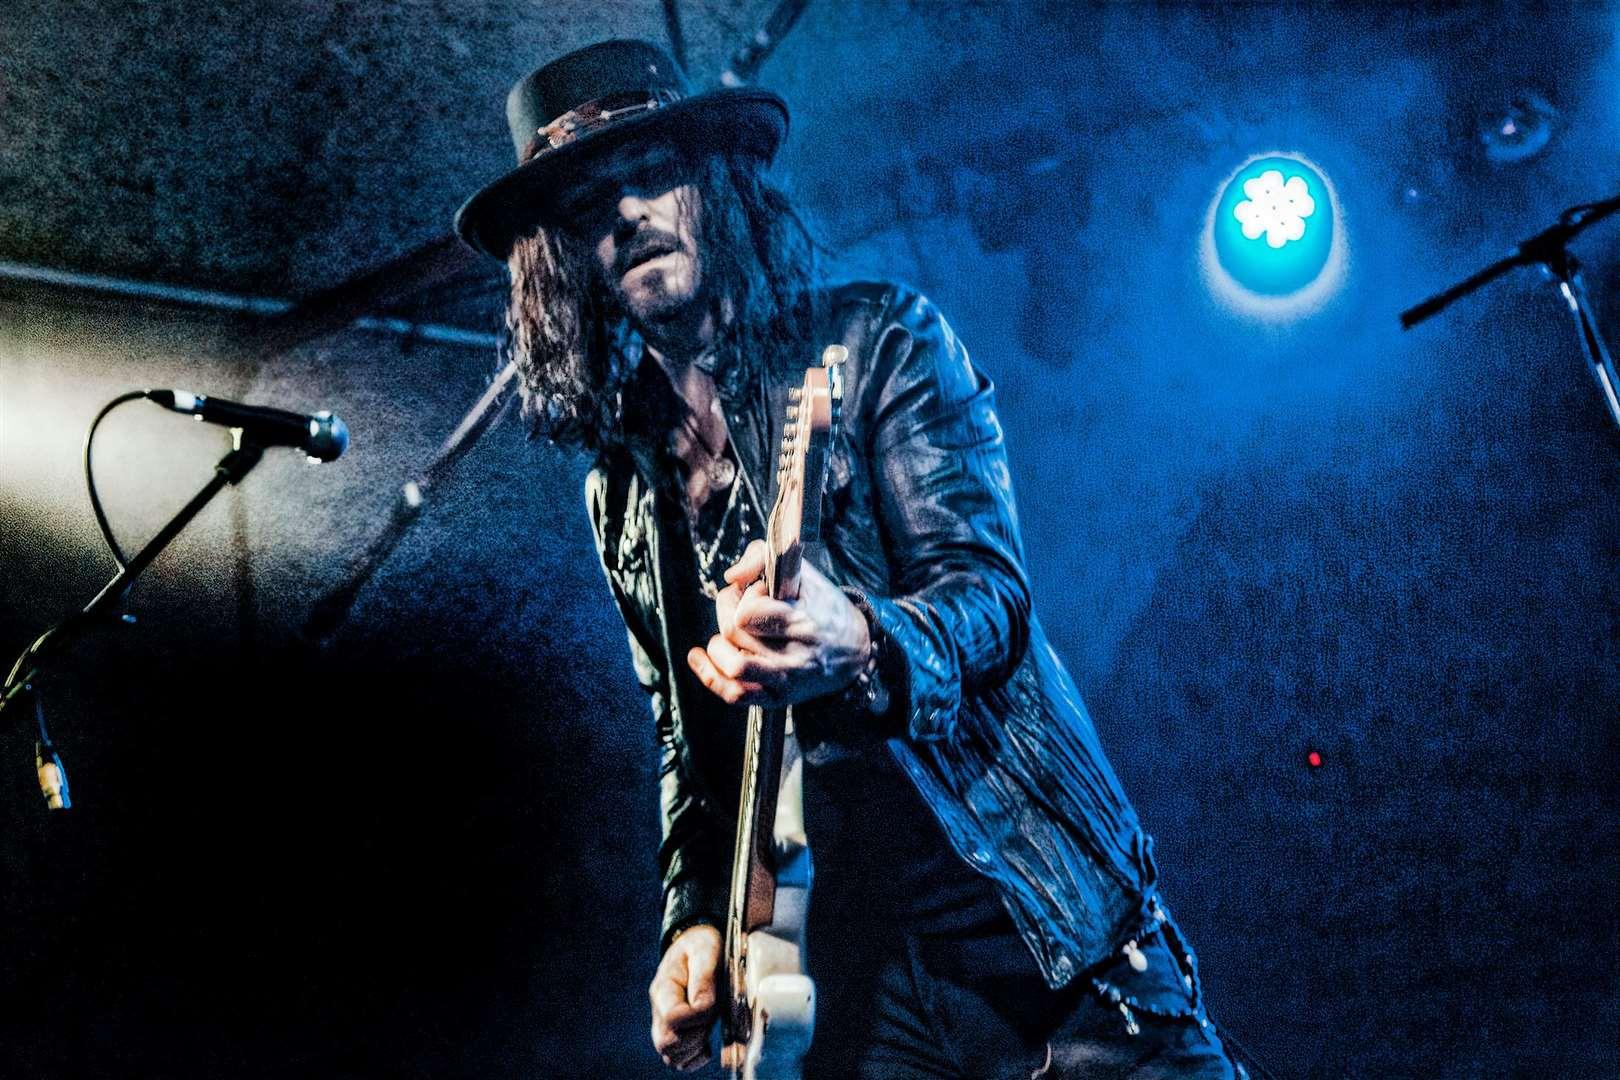 Blues-rock musician Troy Redfern.  Photo: Haluk Gurer